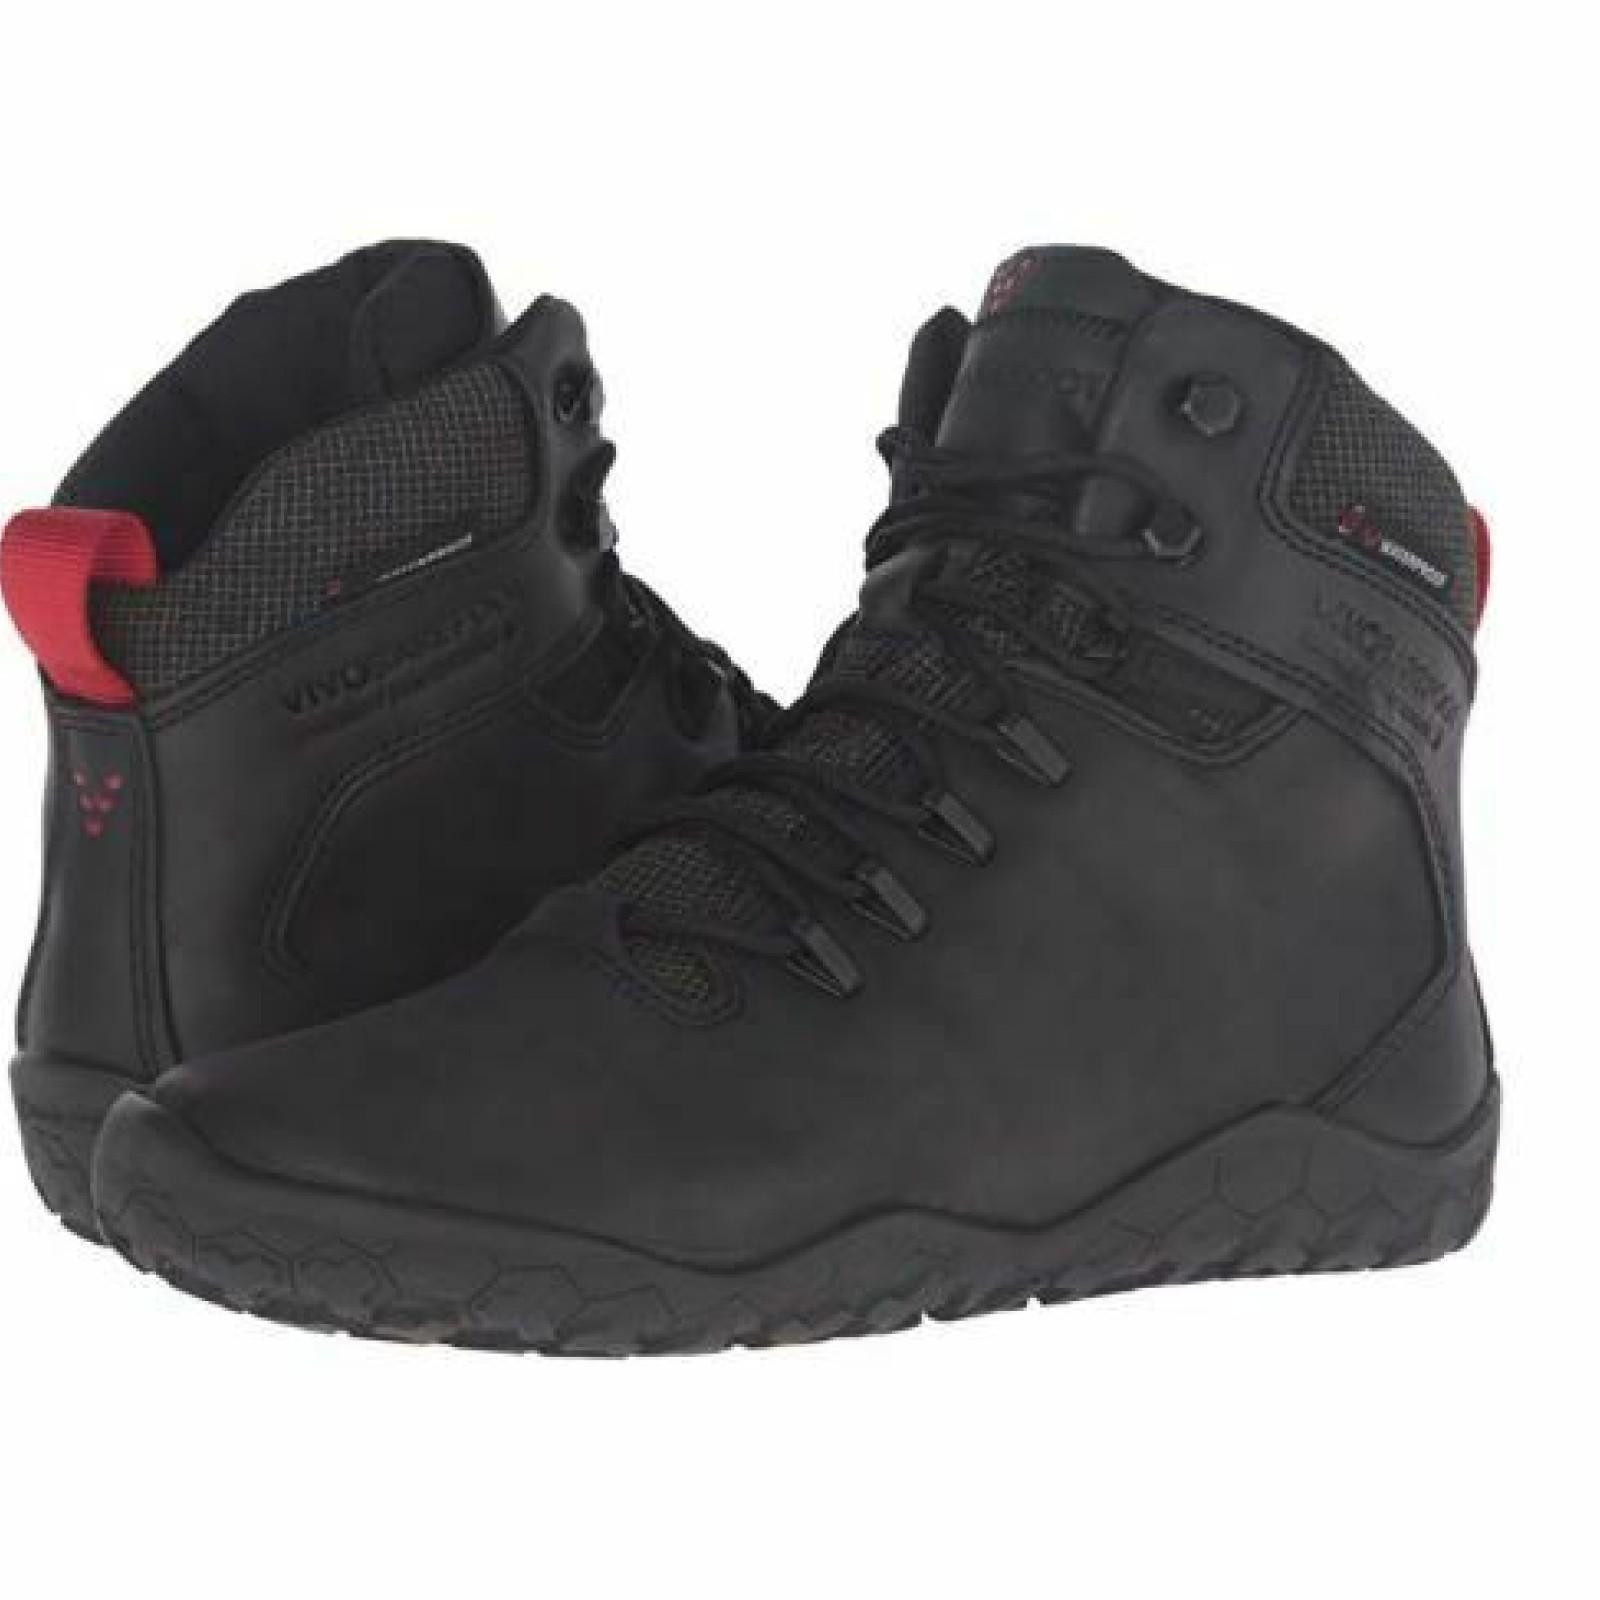 Vivobarefoot Tracker FG Black